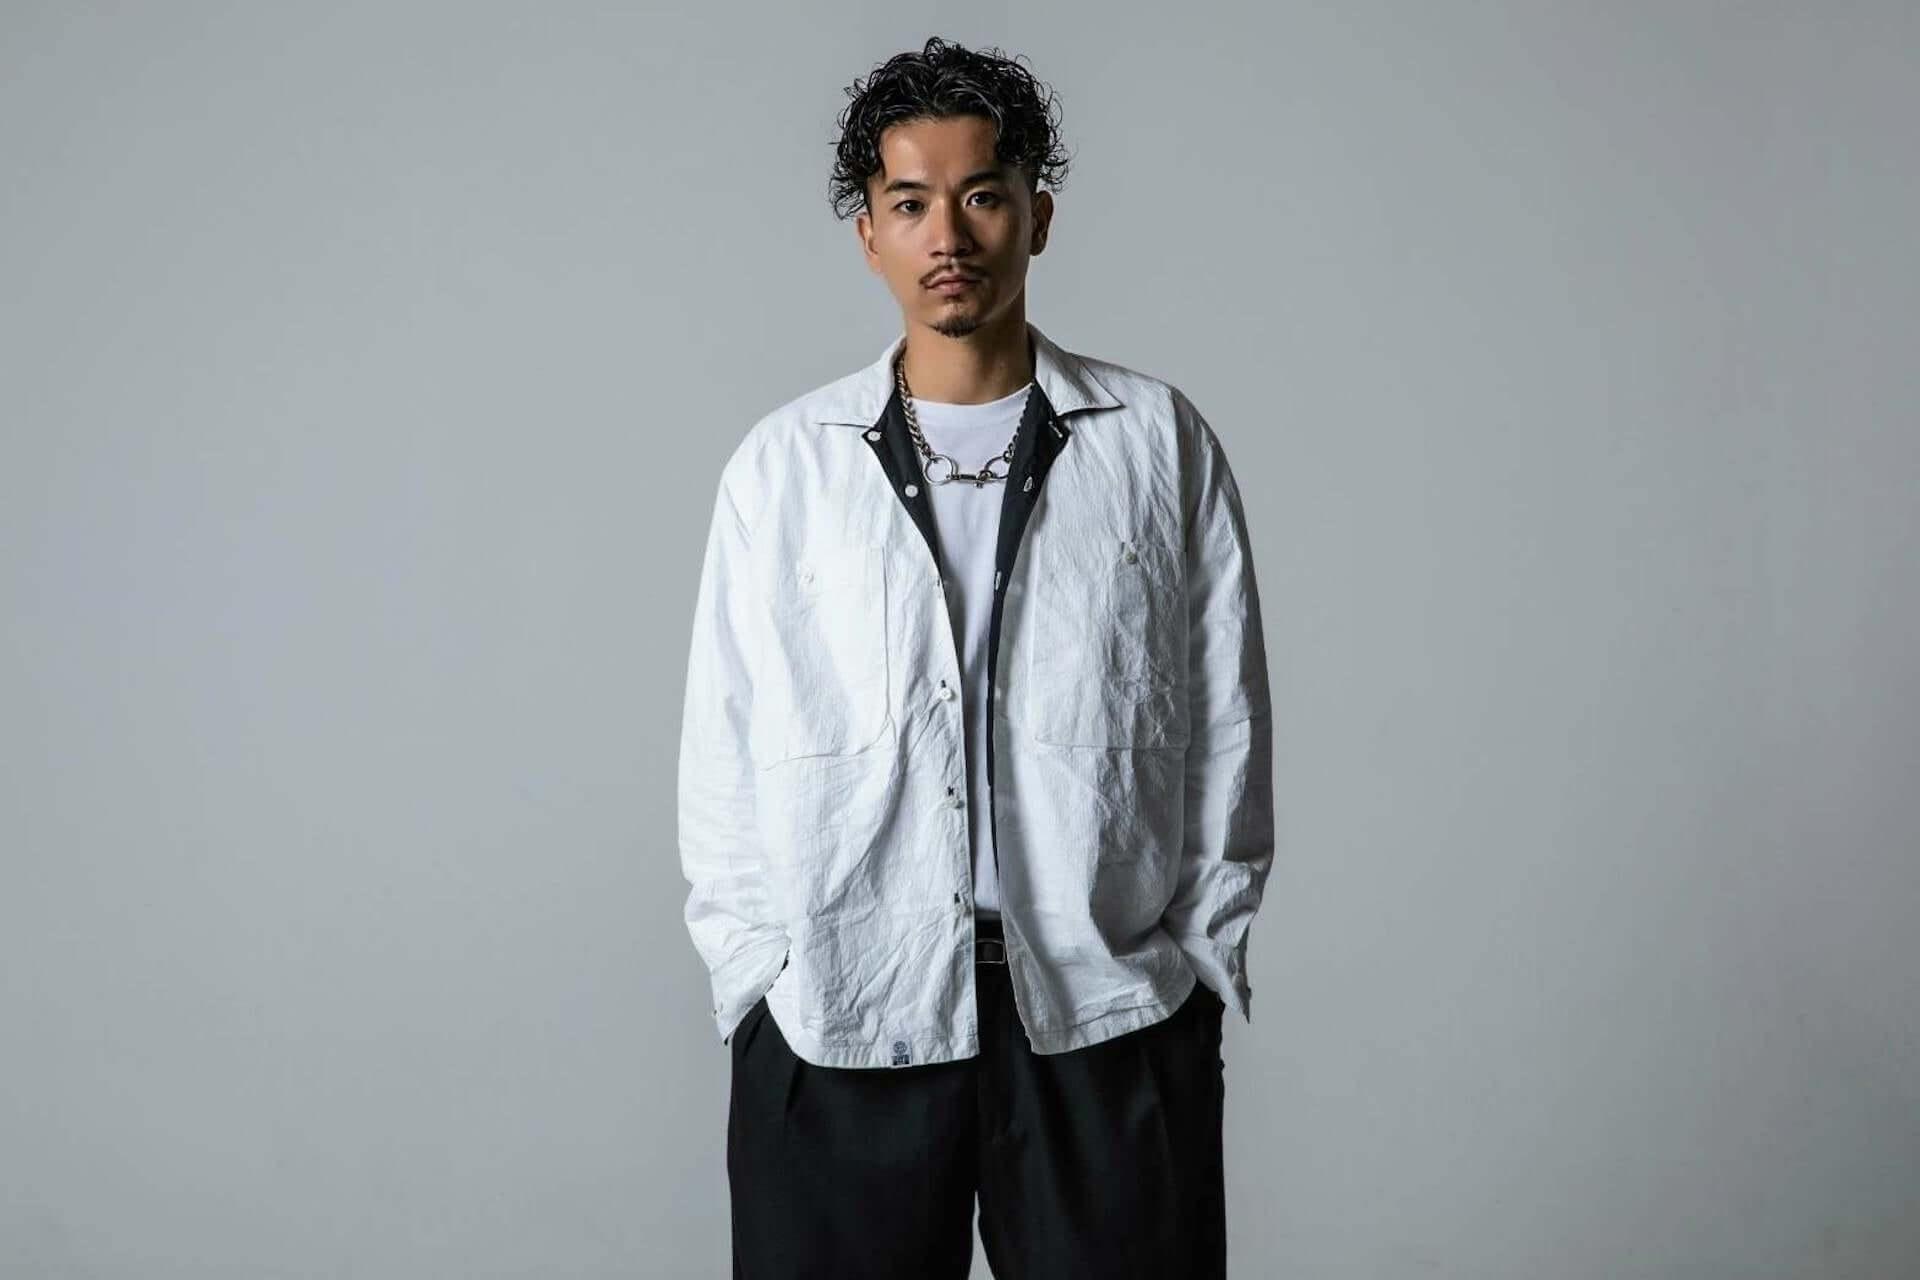 渋谷・VISIONの営業再開パーティー第3&4弾が今週末開催!FUJI TRILL、DJ HAZIME、DJ CHARI&DJ TATSUKIらが出演 music200625_vision-tokyo_8-1920x1280